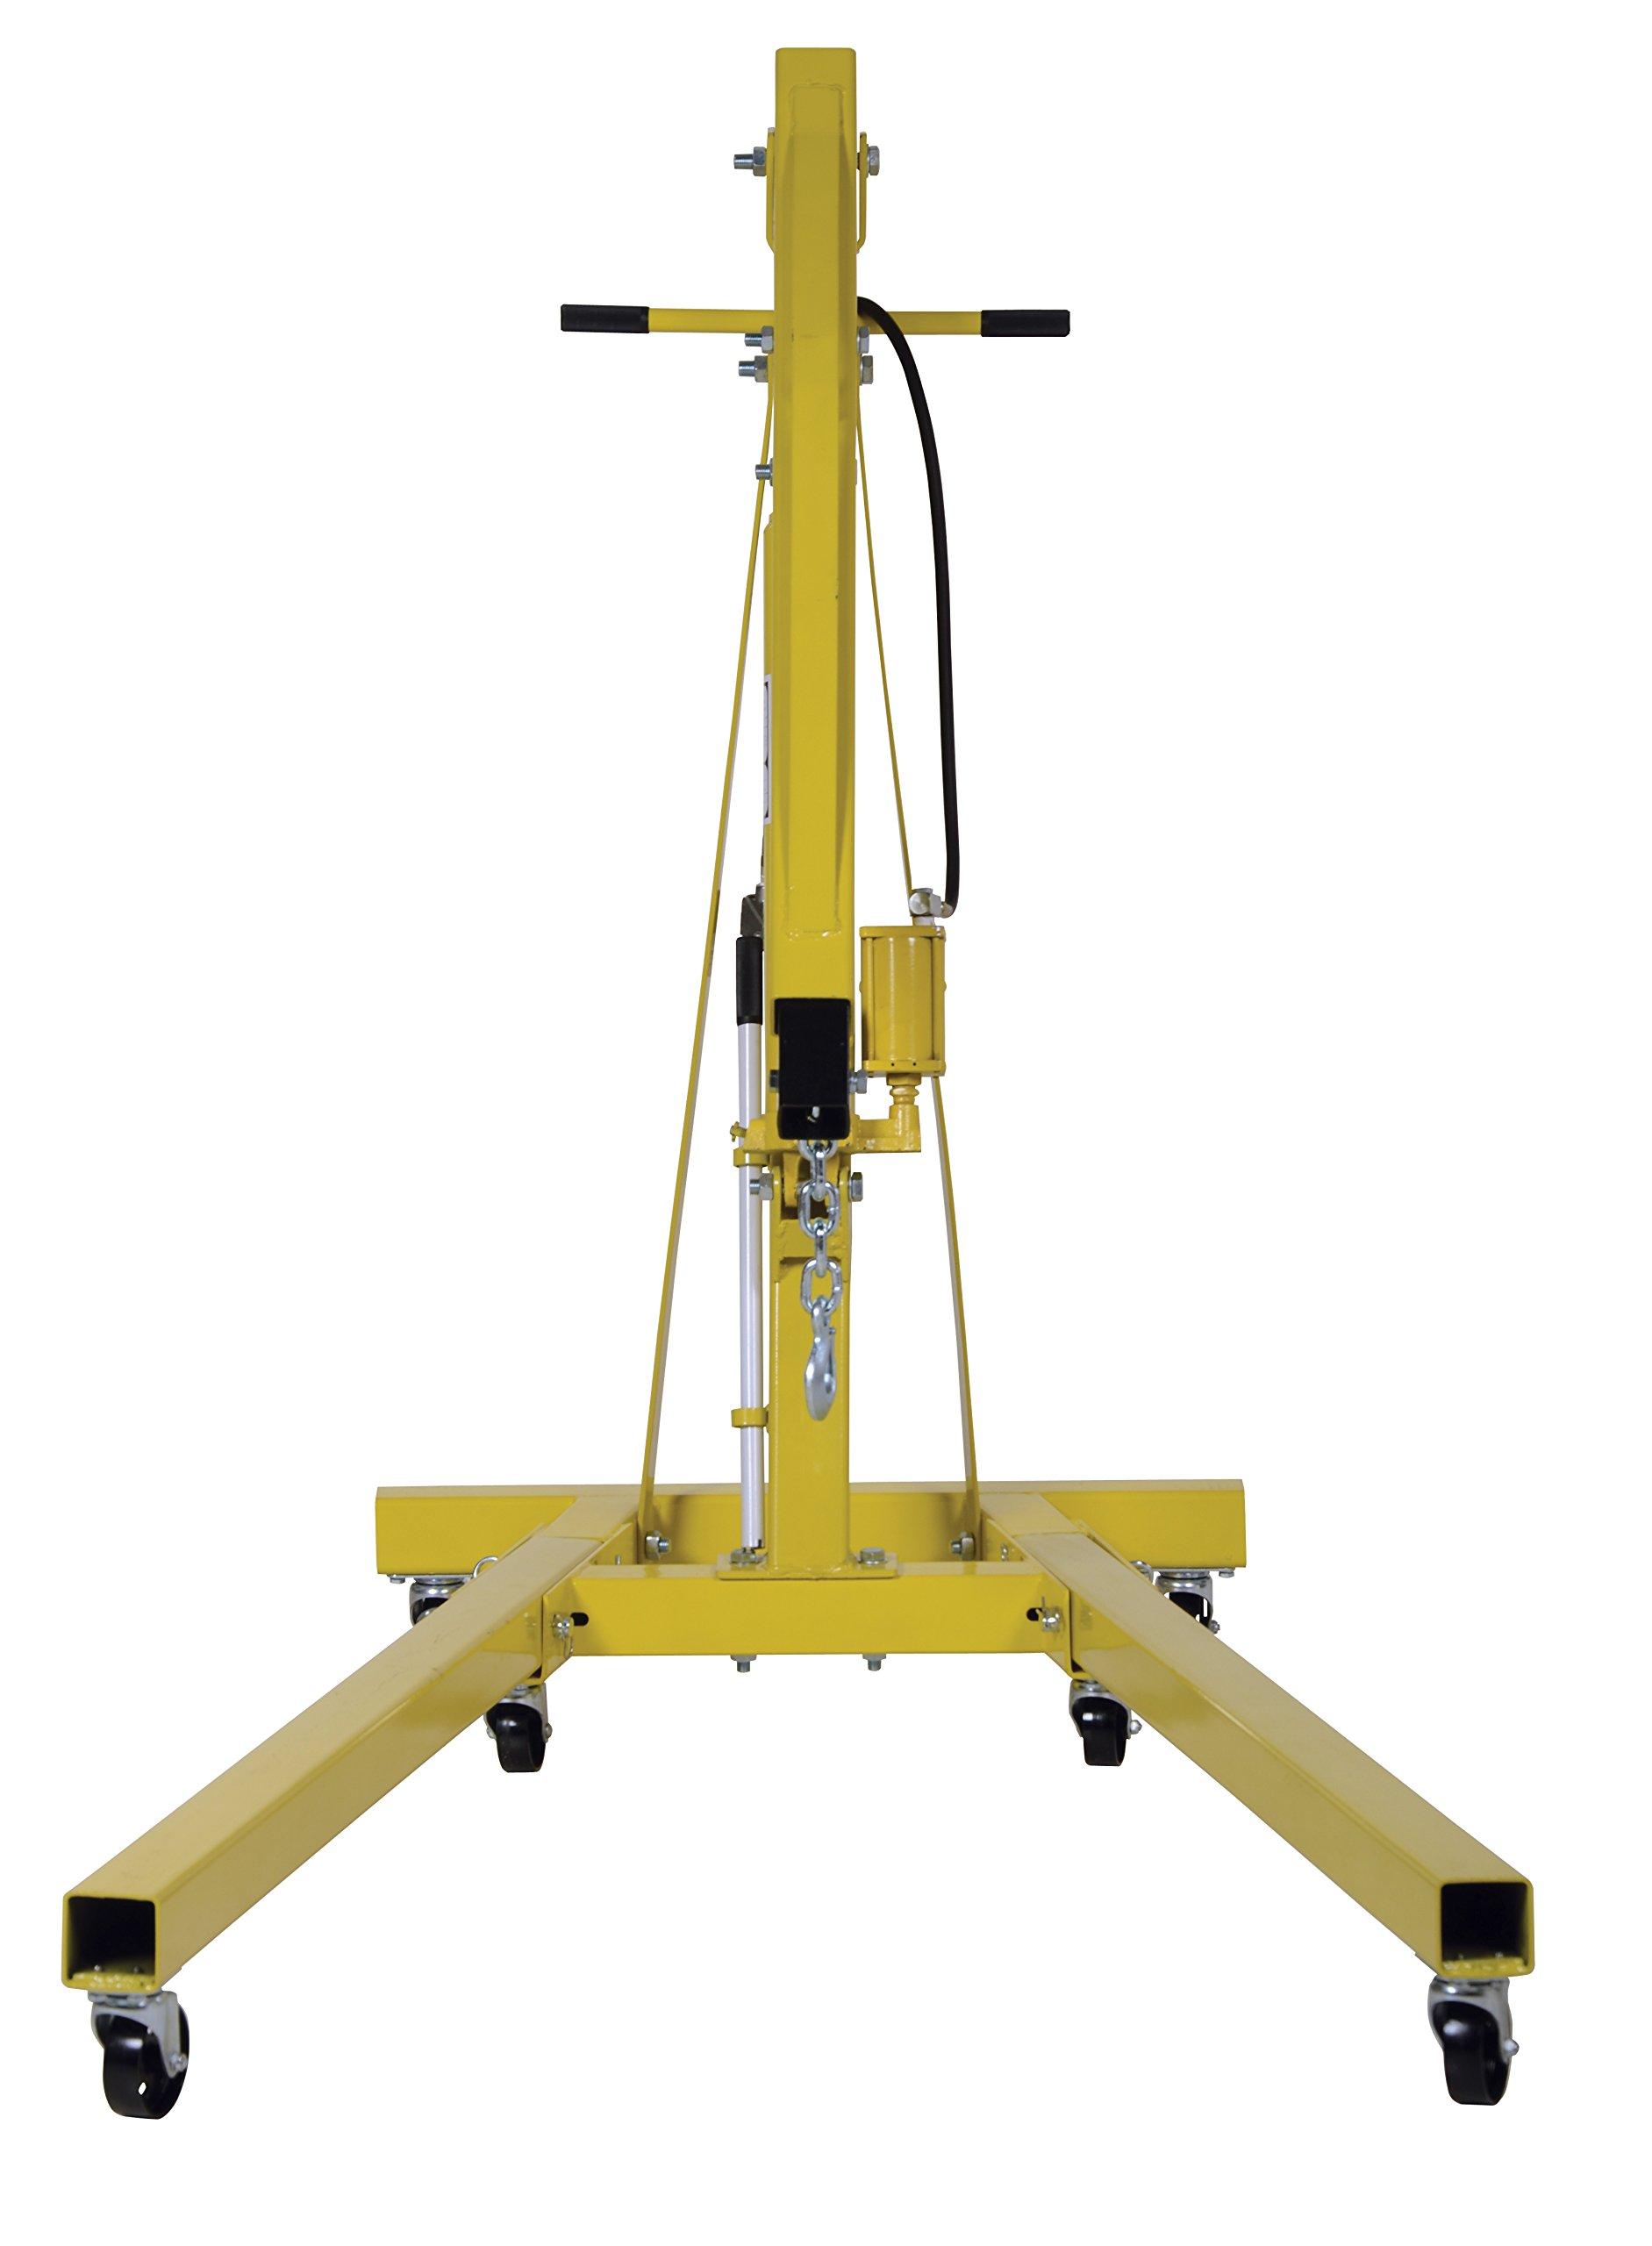 Vestil EHN-40-C-AH Steel Air/Hand Pump Hydraulic Shop Crane Engine Hoist with Folding Legs 4000 lbs Capacity by Vestil (Image #3)